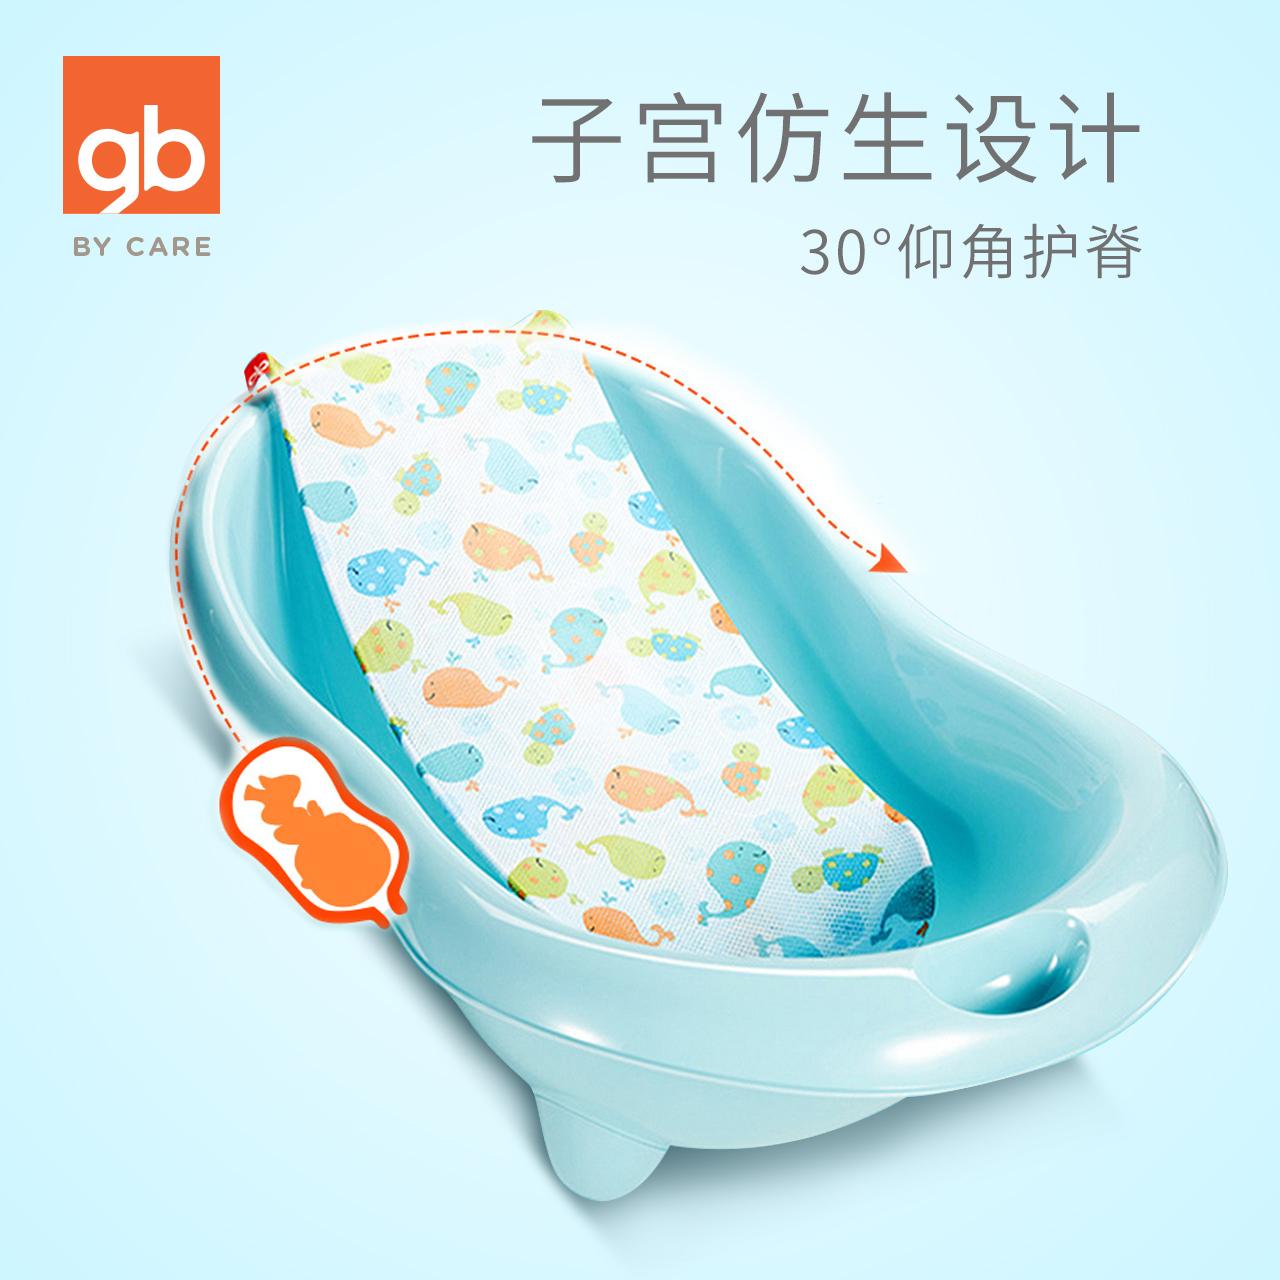 USD 81.35] gb good child baby bath baby bath tub newborn can sit ...